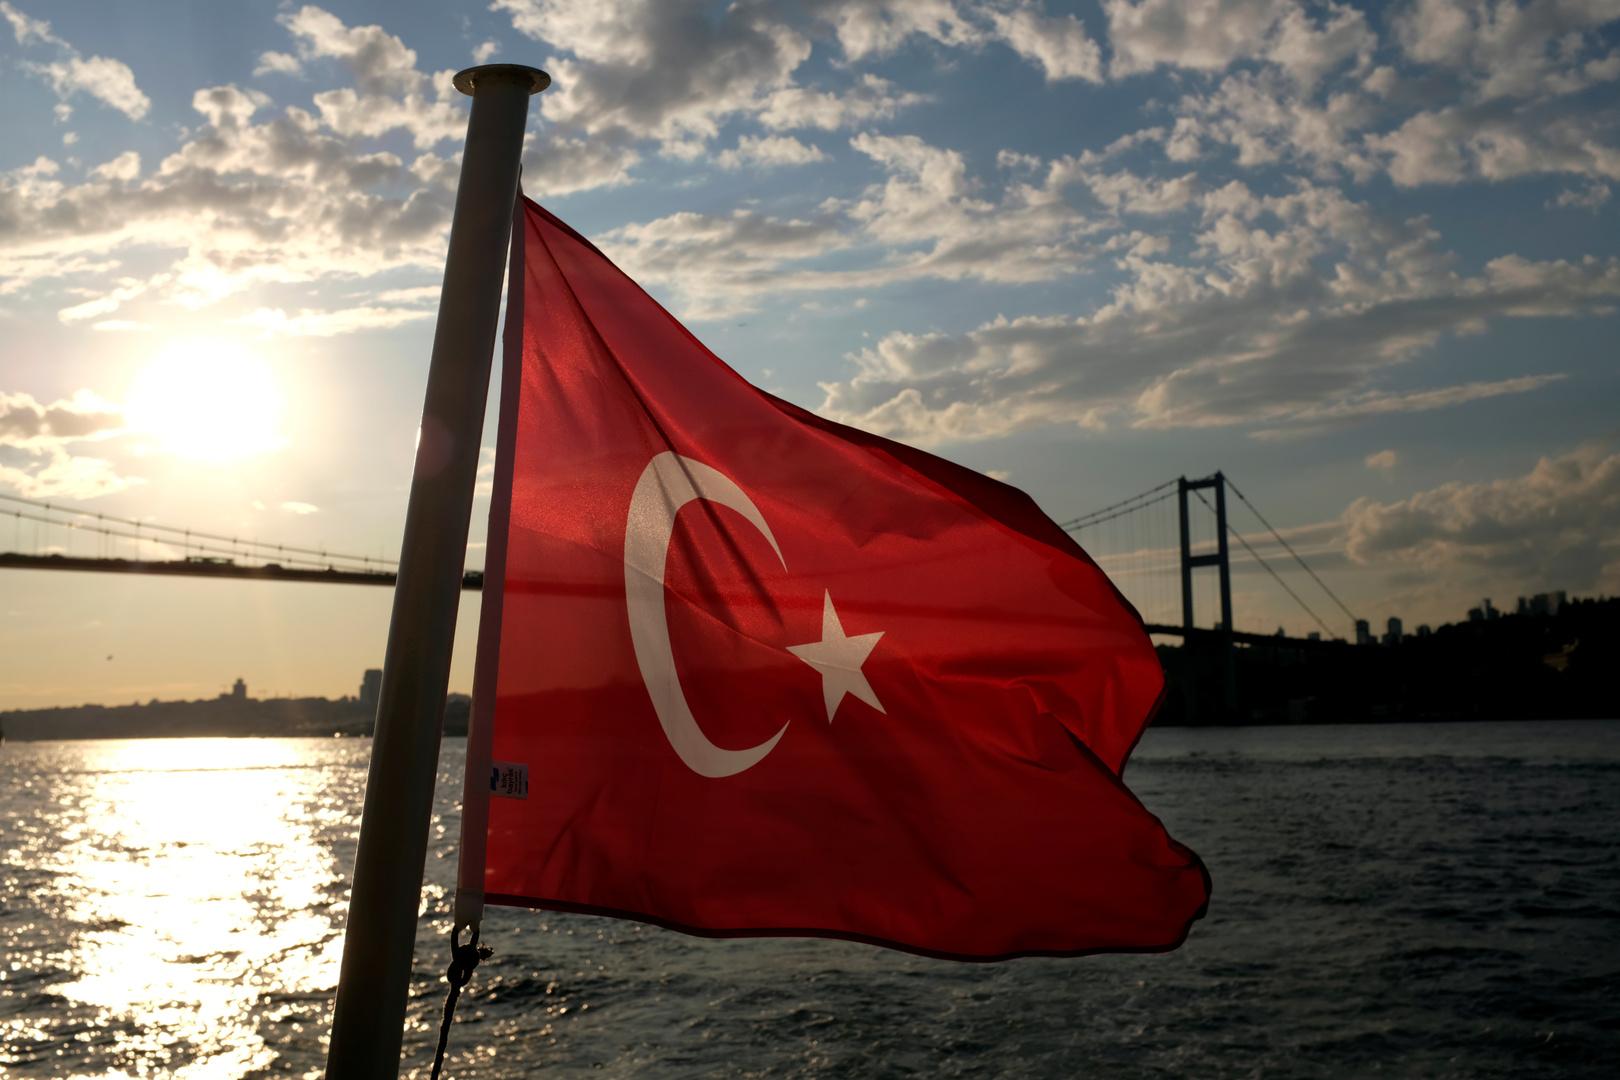 تركيا: مشاورات ستعقد مع الجانب المصري تهدف لإيجاد أرضية تؤدي إلى تطبيع العلاقات